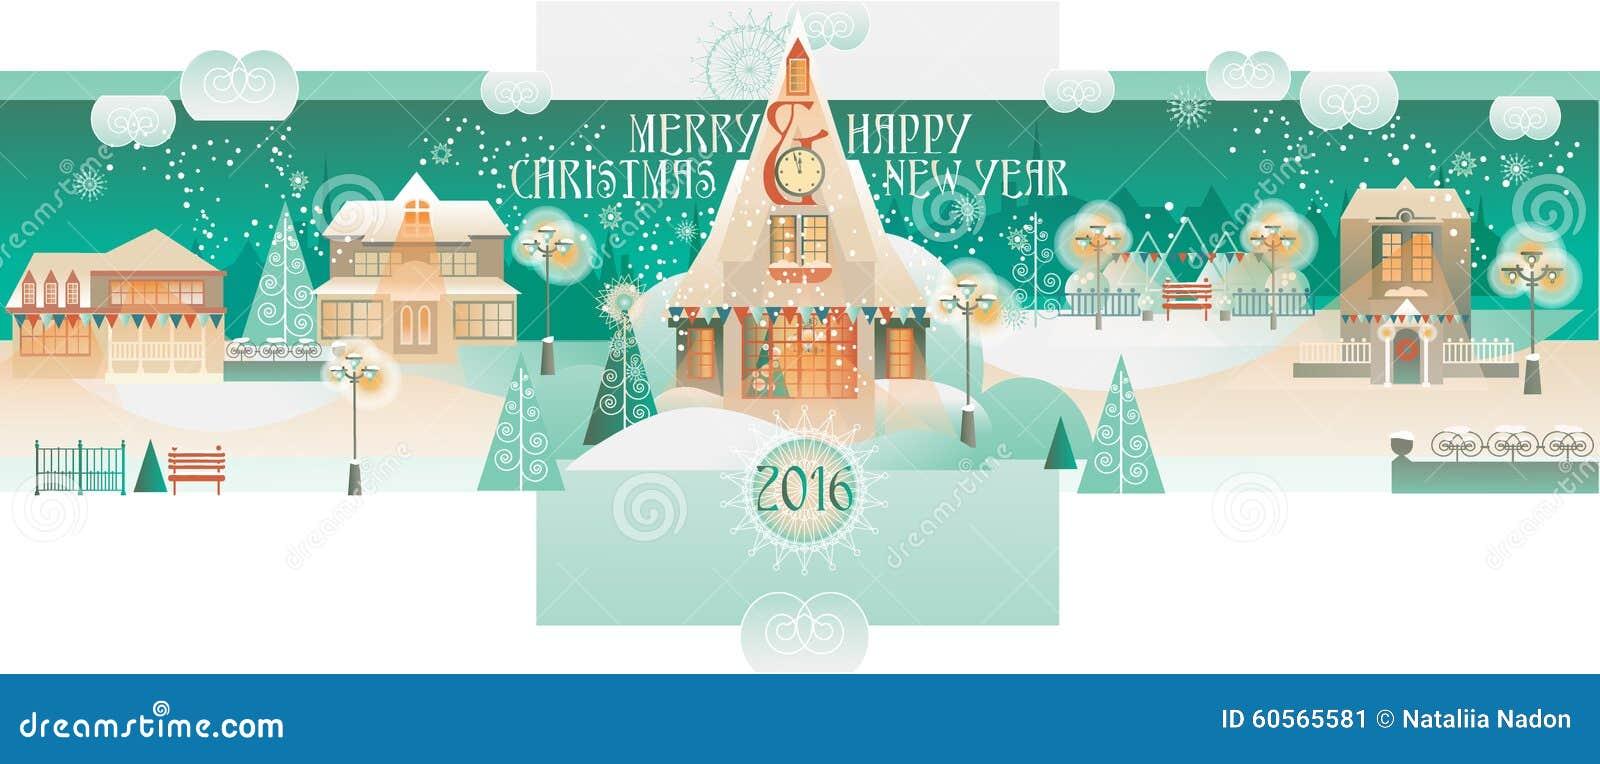 Bannière de Noël de vintage avec Eve Cityscape